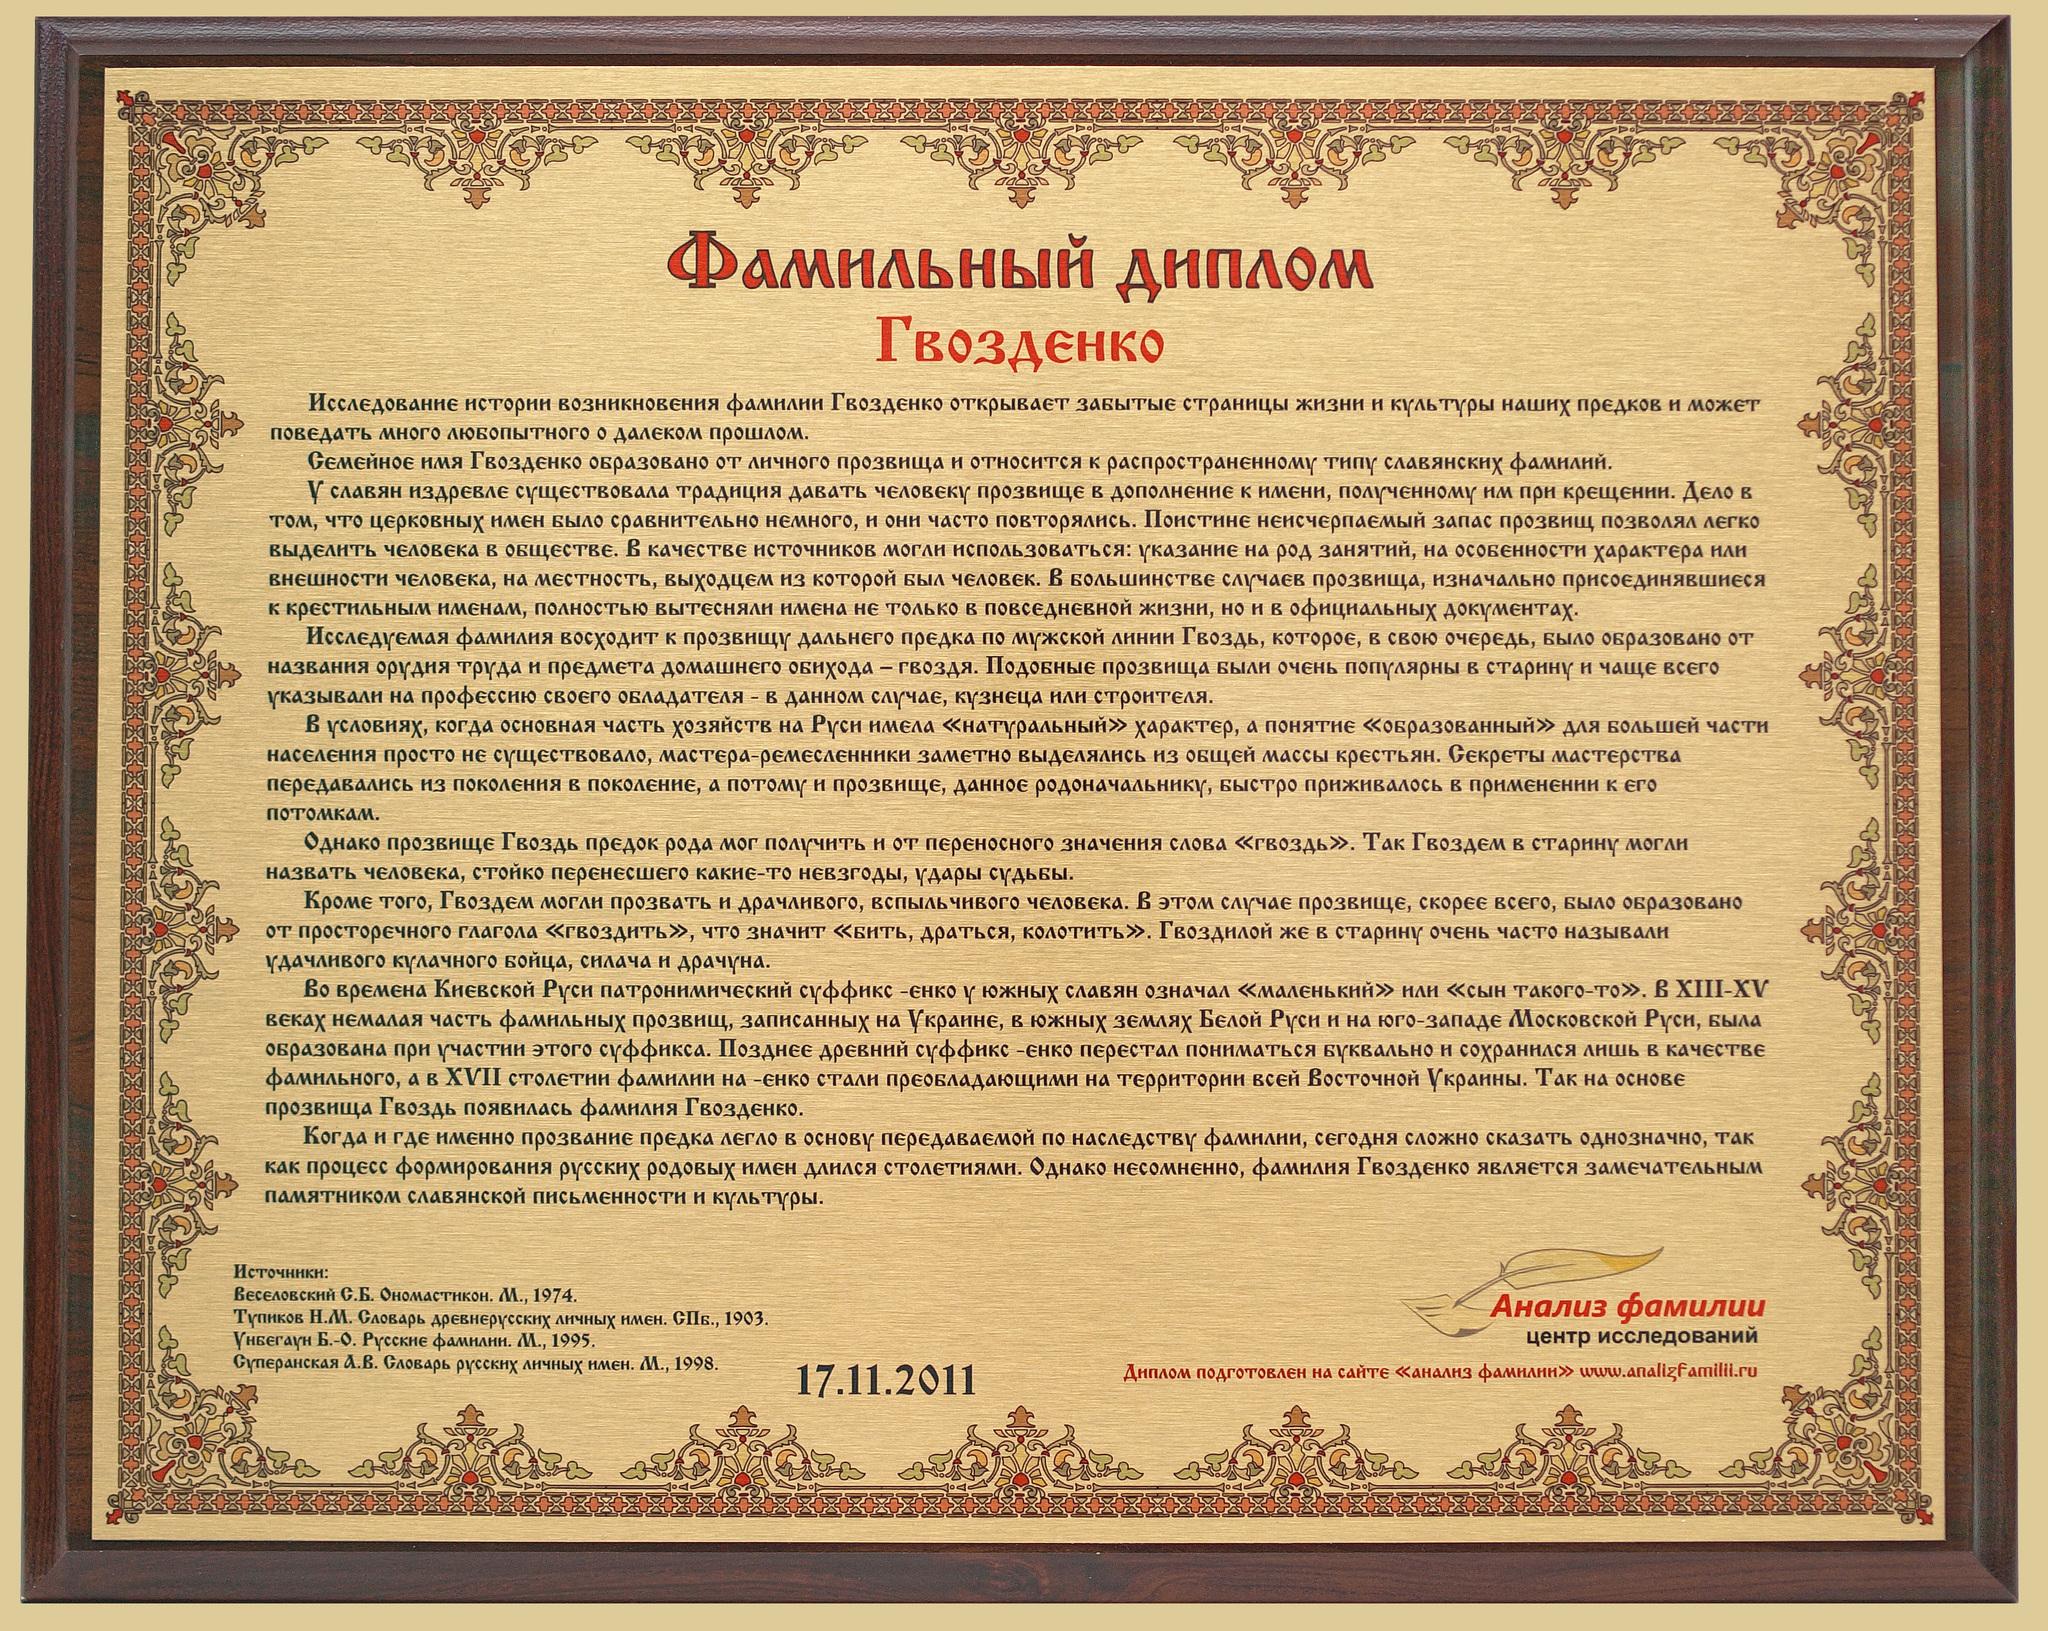 Фамильный диплом в подарок 11